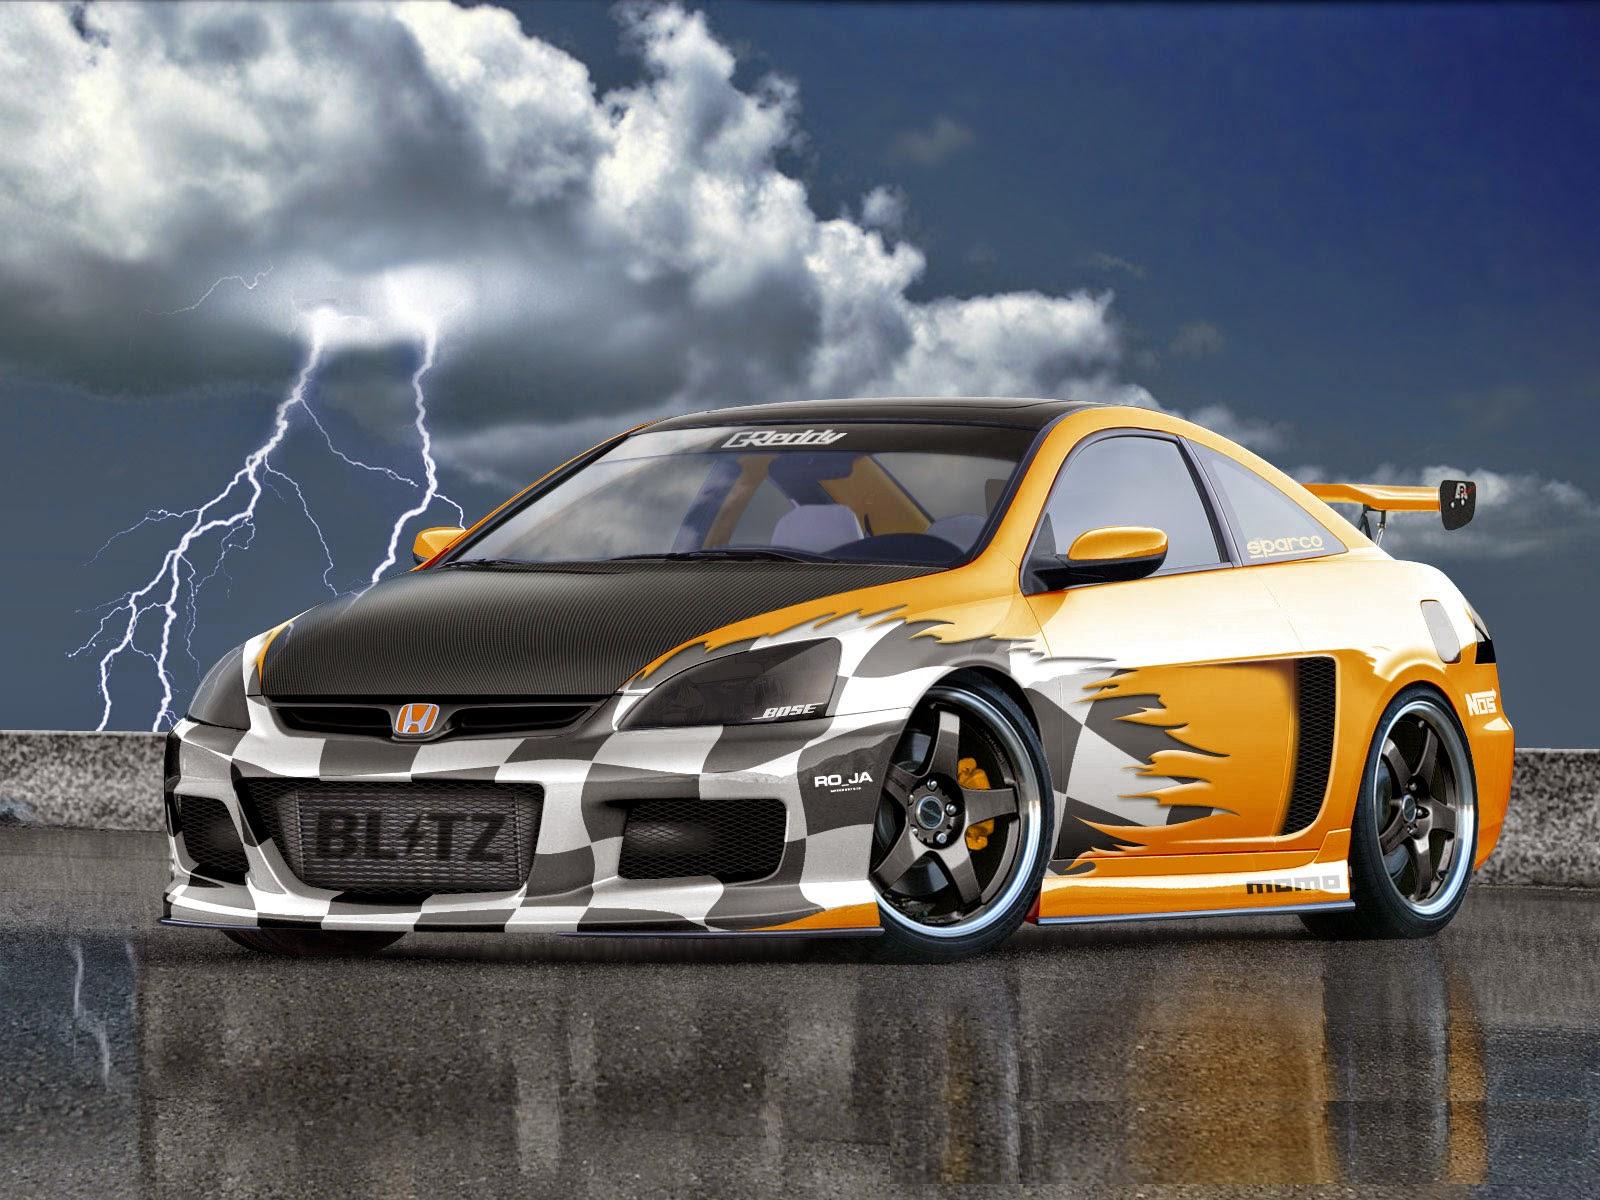 Spor Car Wallpaper